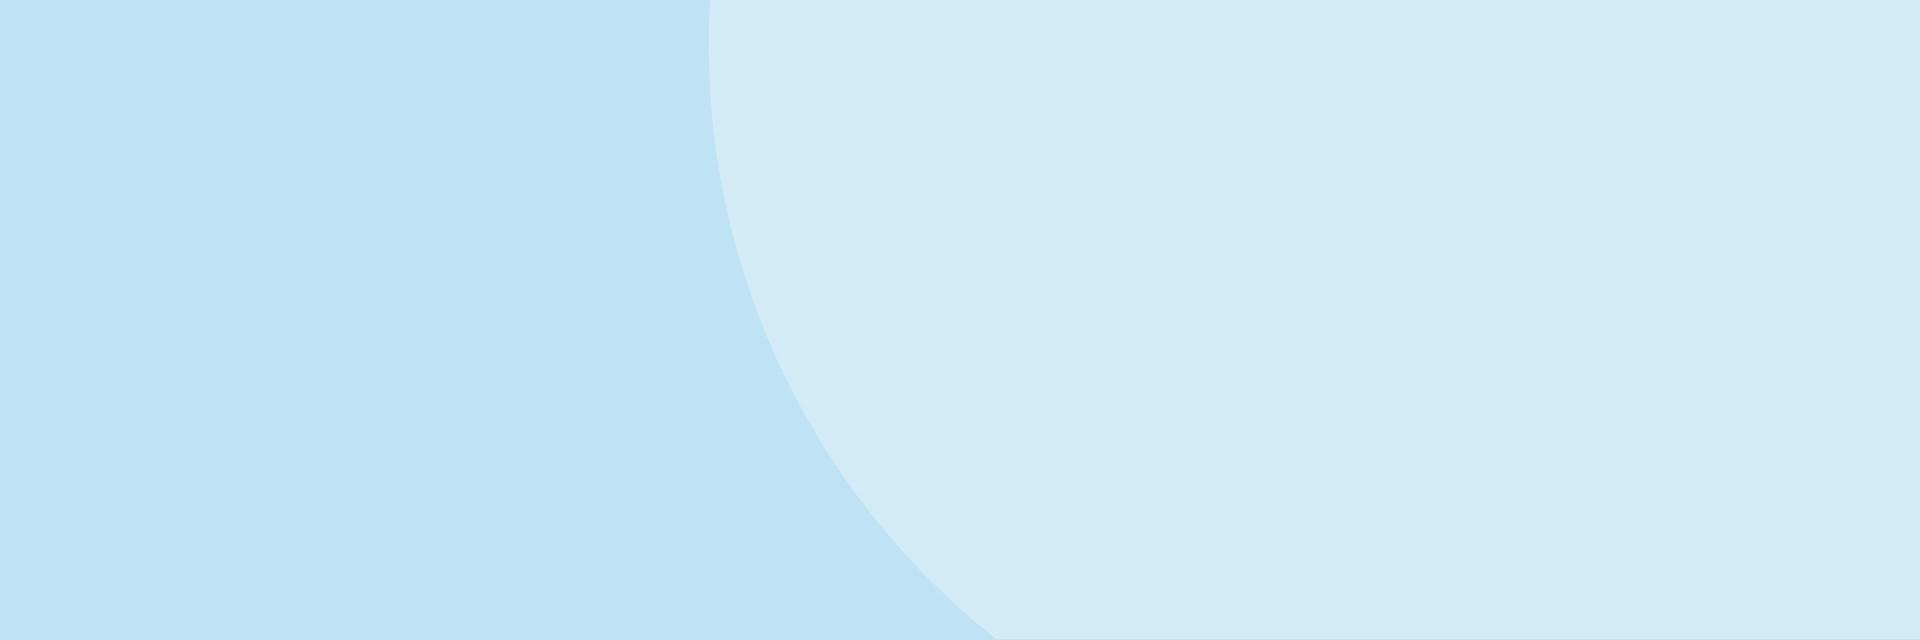 dettaglio-faq-azzurro